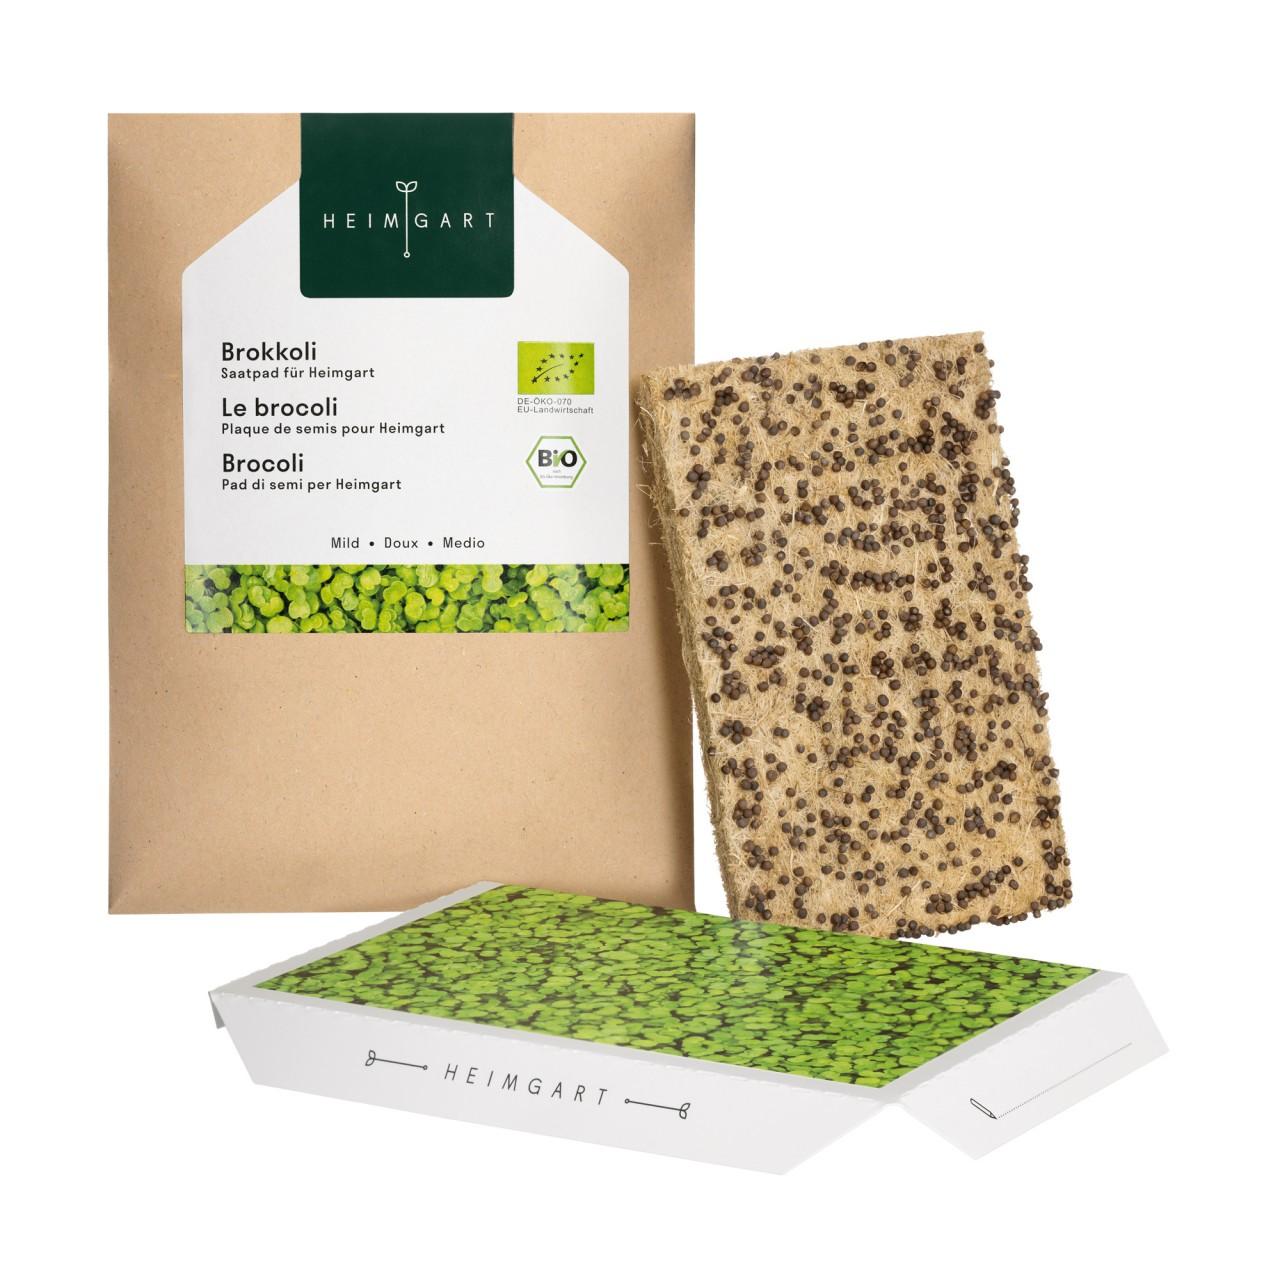 Heimgart Brokkoli Microgreens